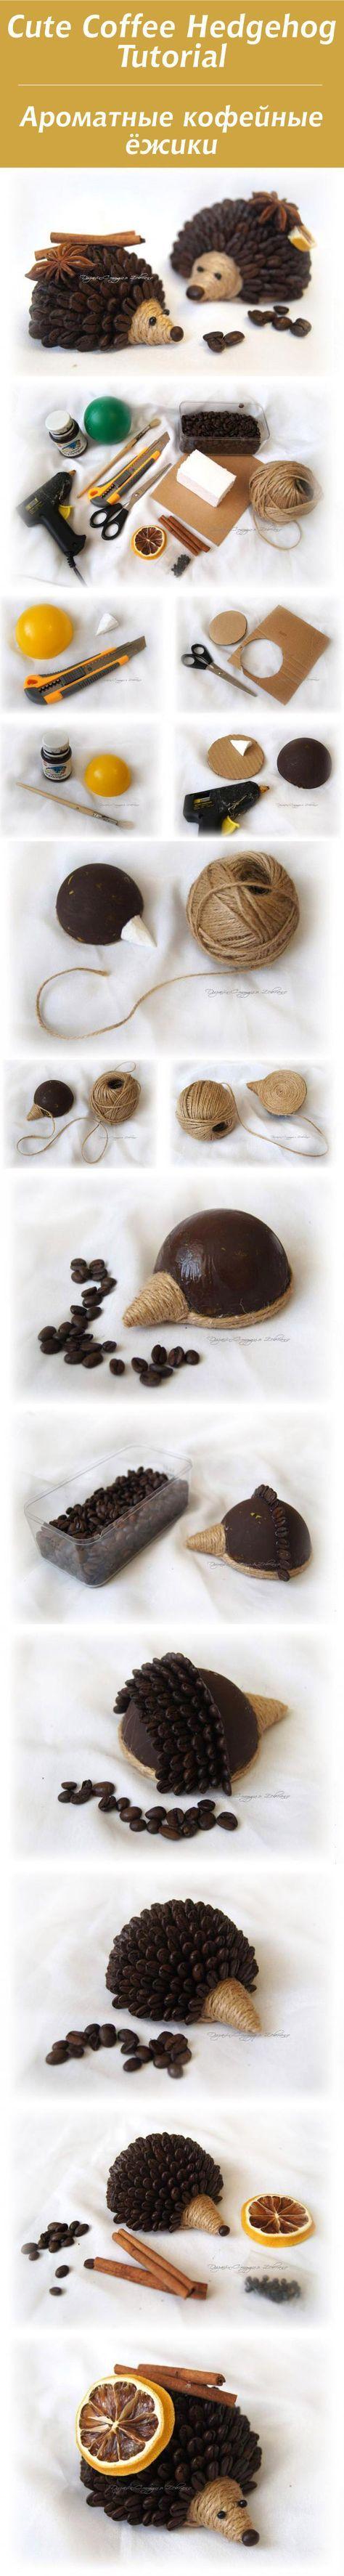 Ароматные кофейные ежики / Cute Coffee Hedgehog Tutorial #coffeehedgehog #tutorial